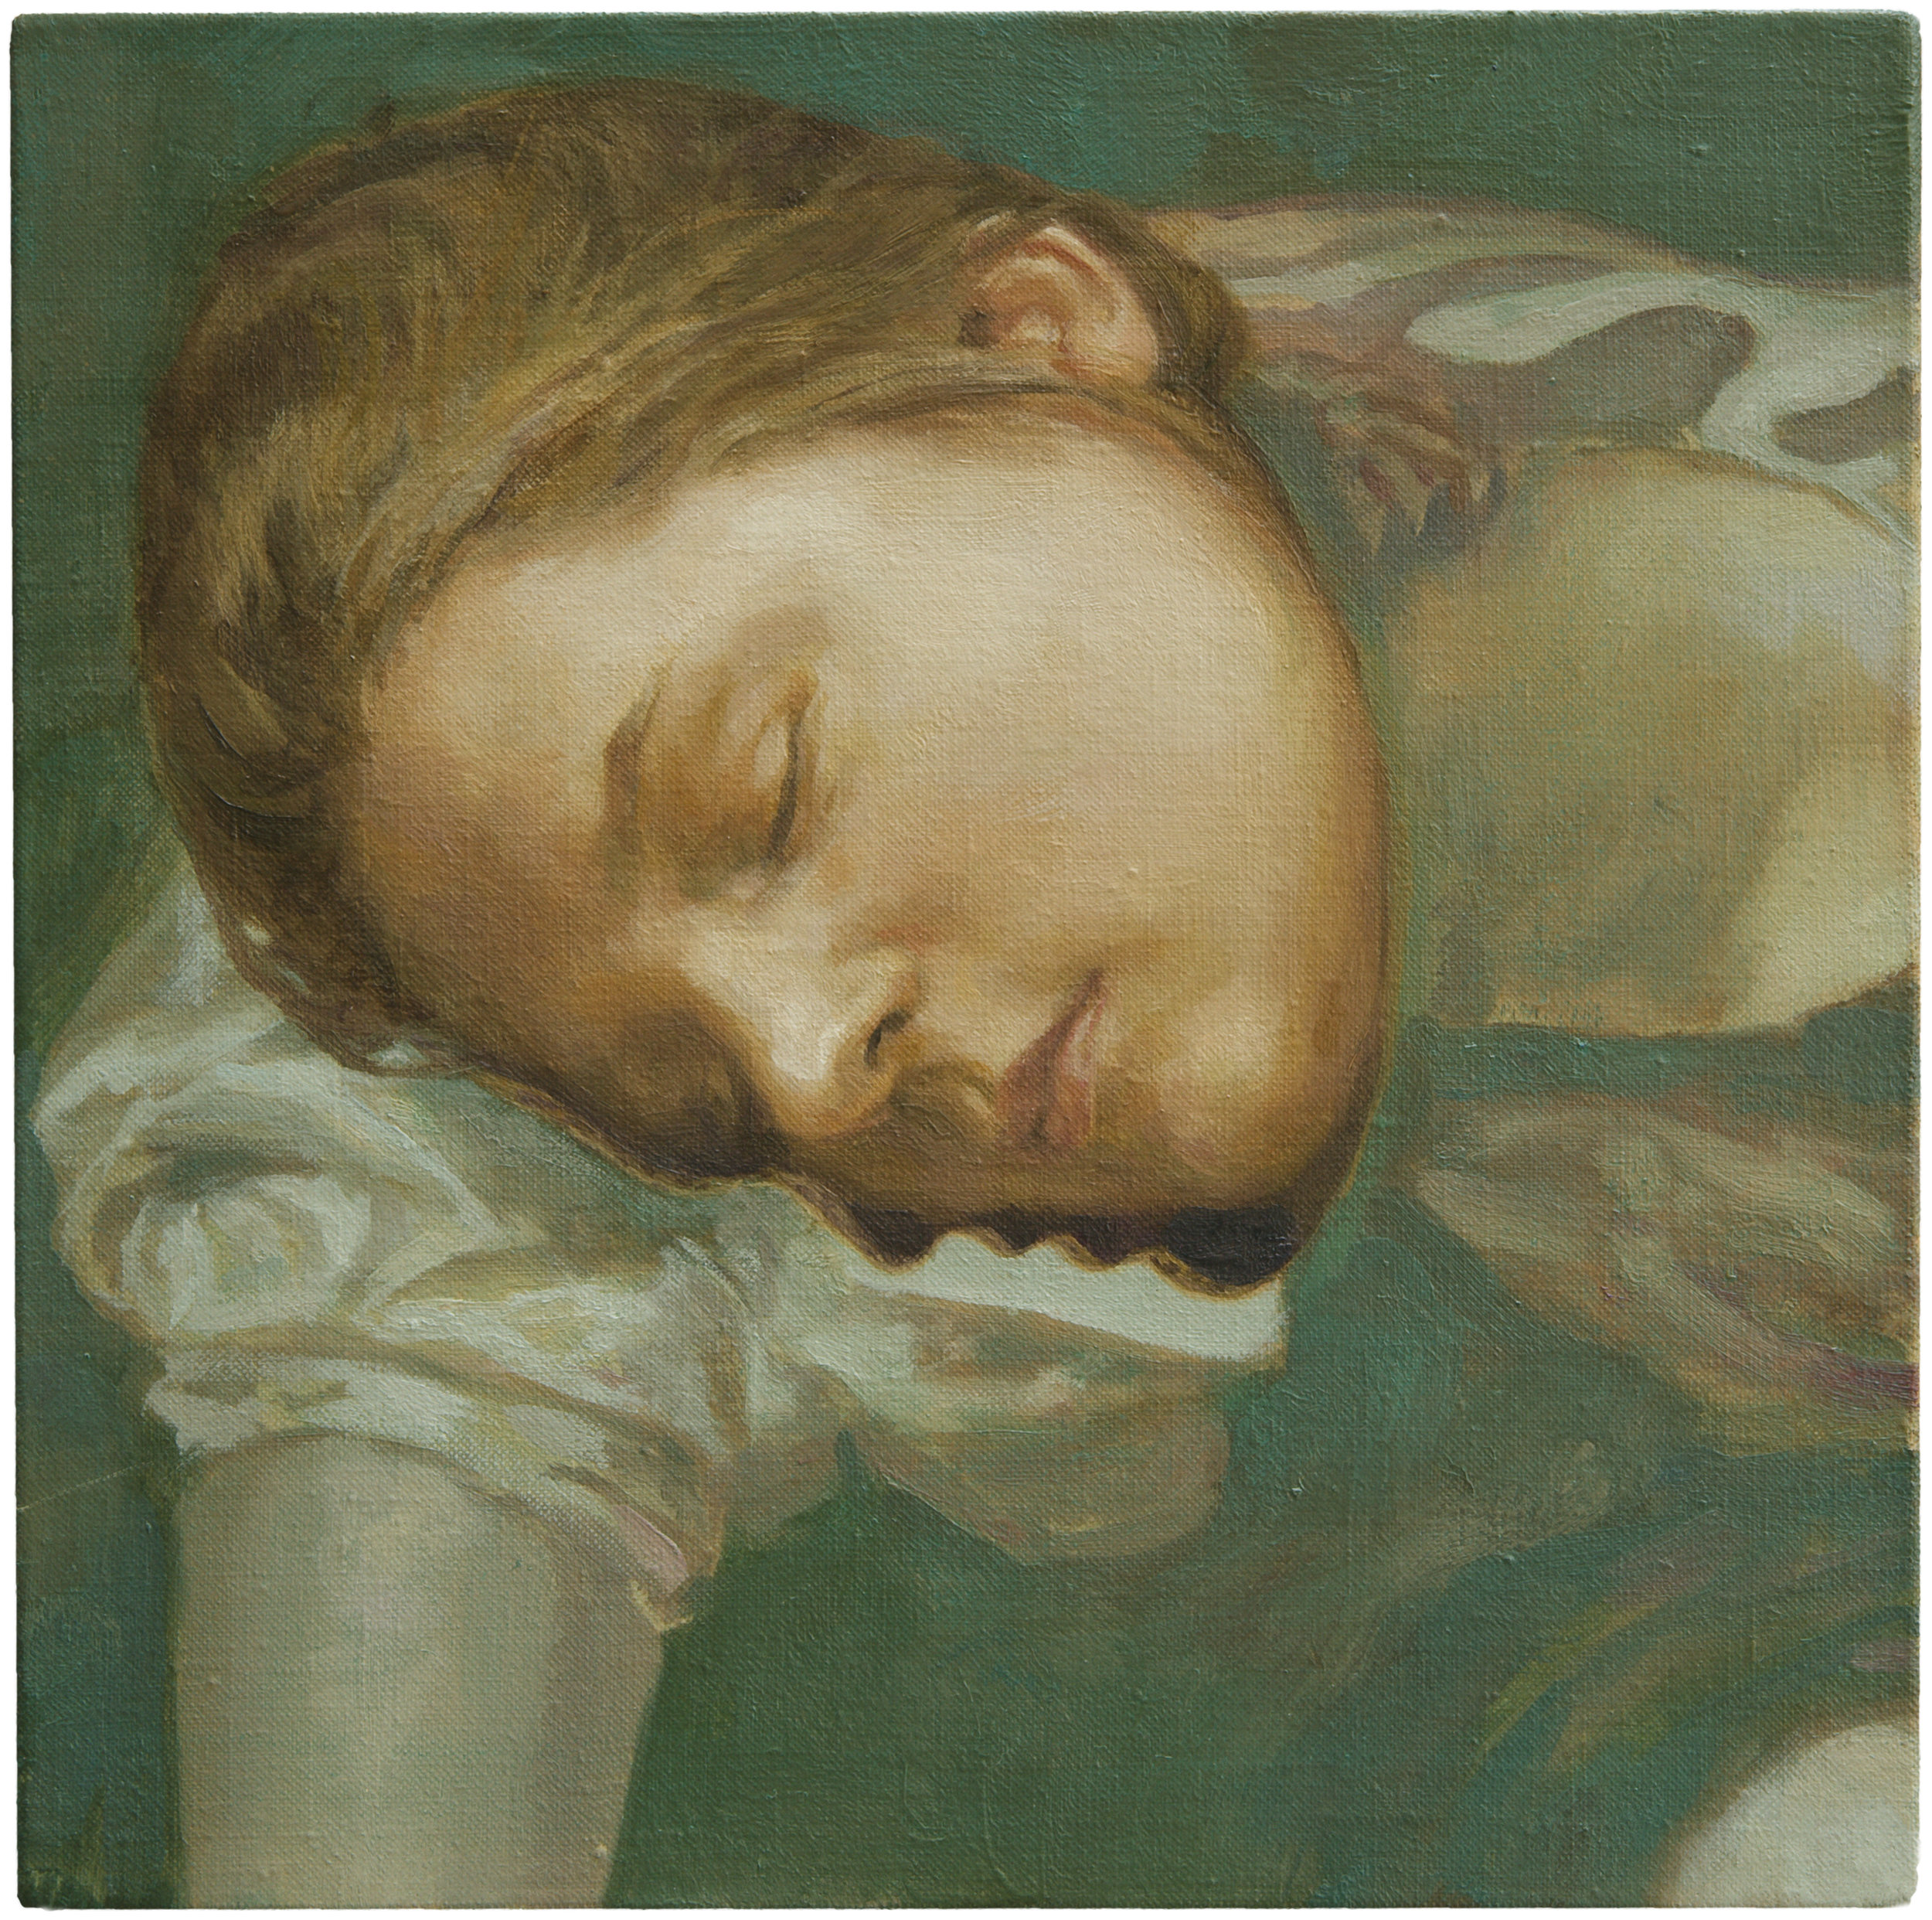 """Simon Pasieka, """"narcisse"""", huile sur toile, 25x25 cm,2017"""